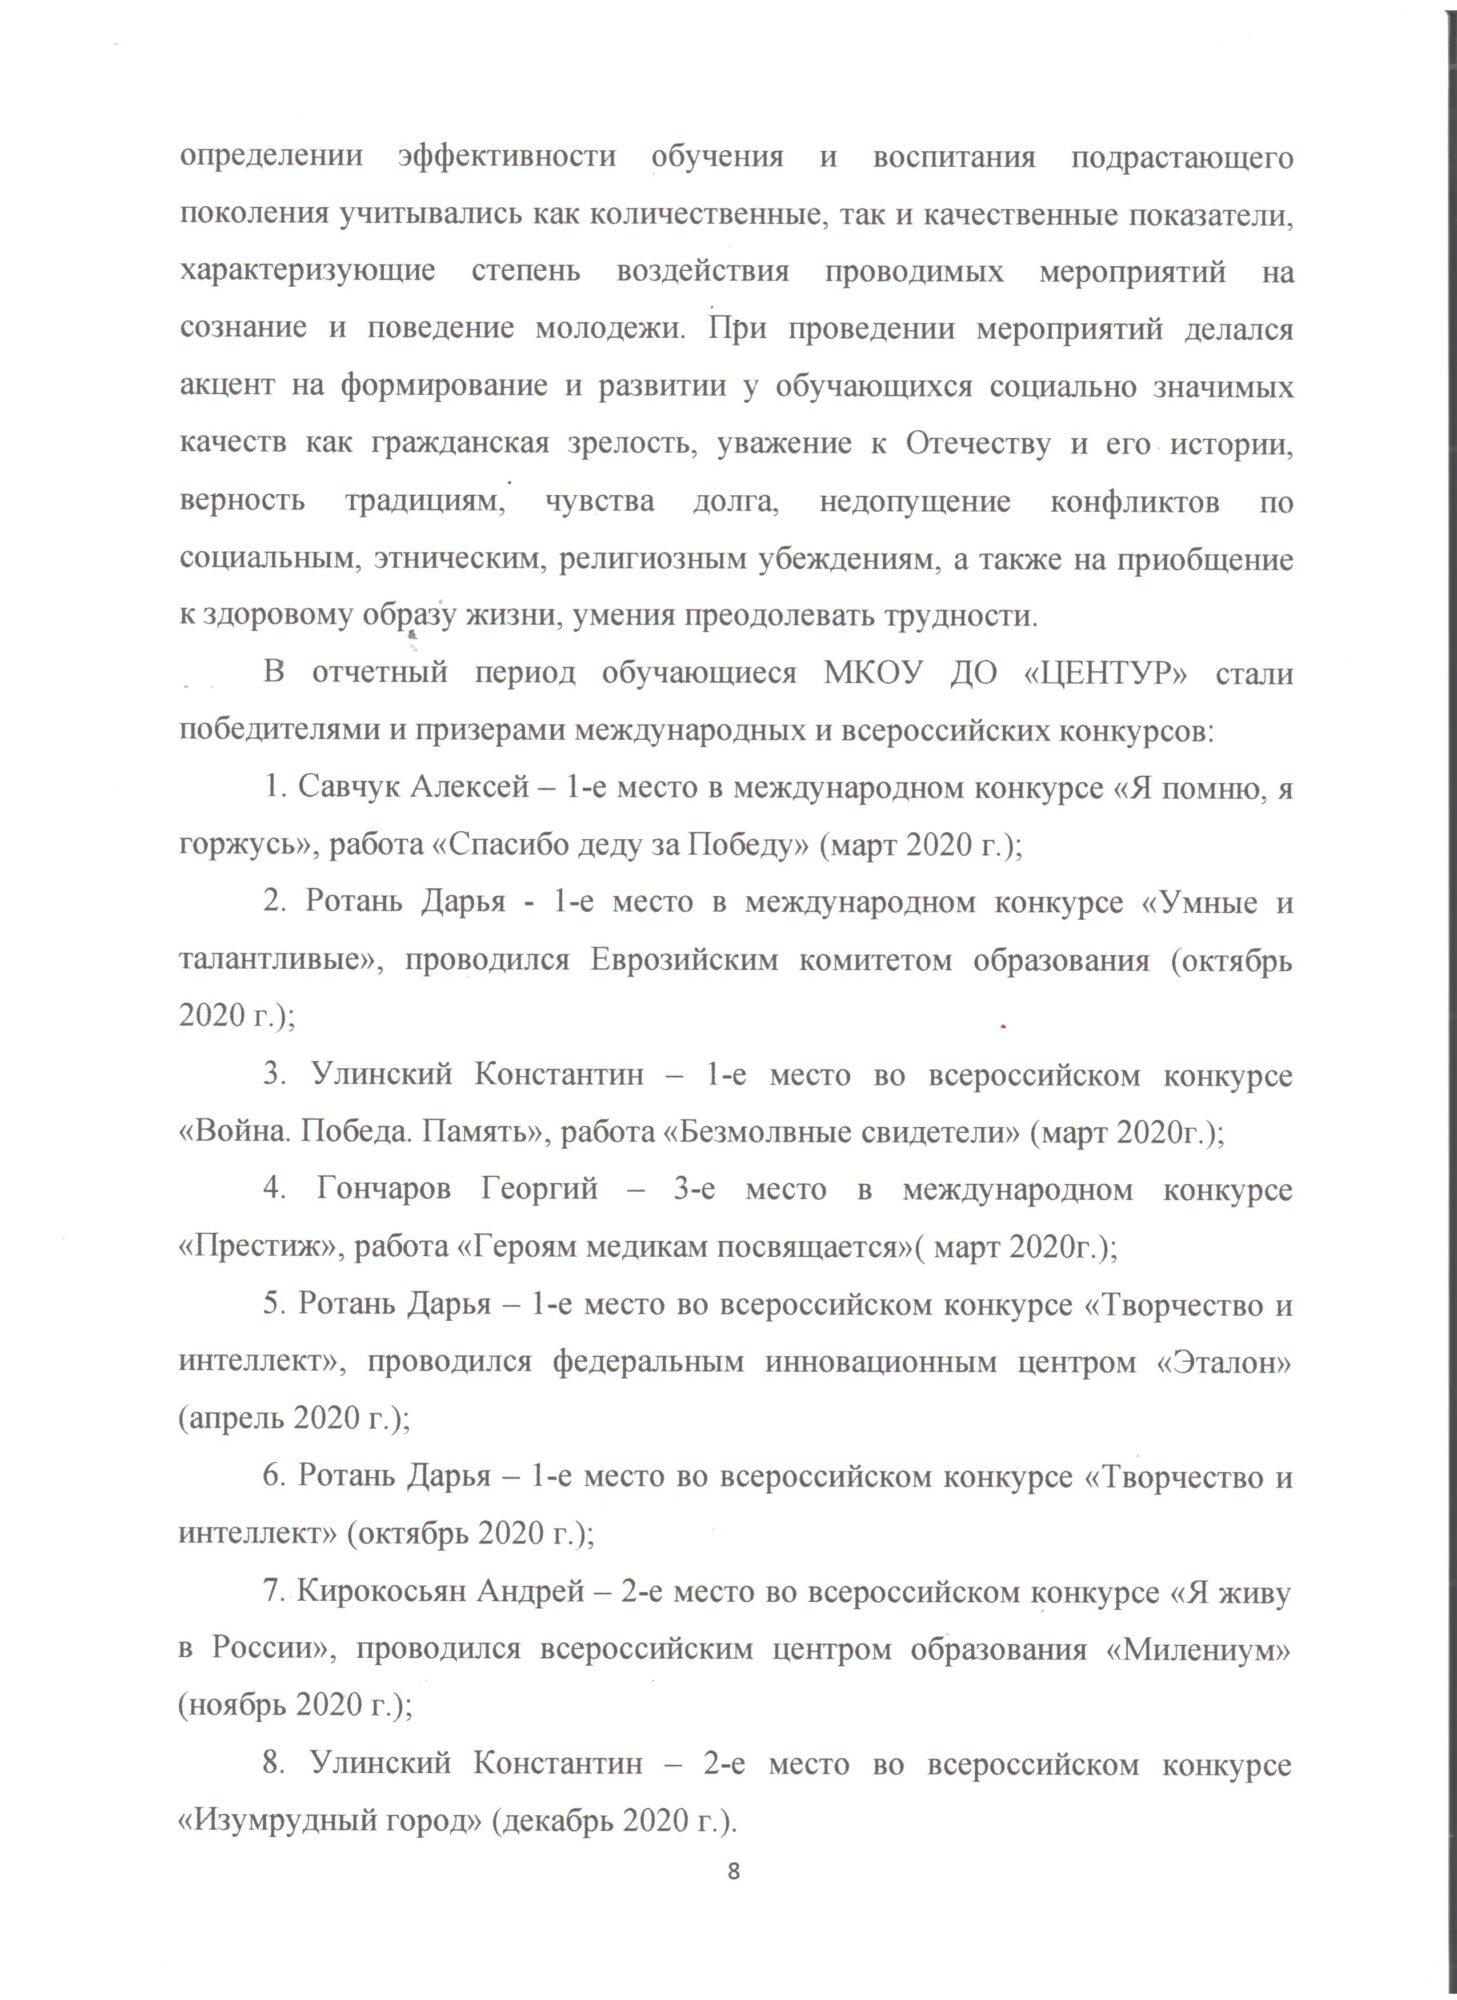 отчет о выполнении плана мероприятий9